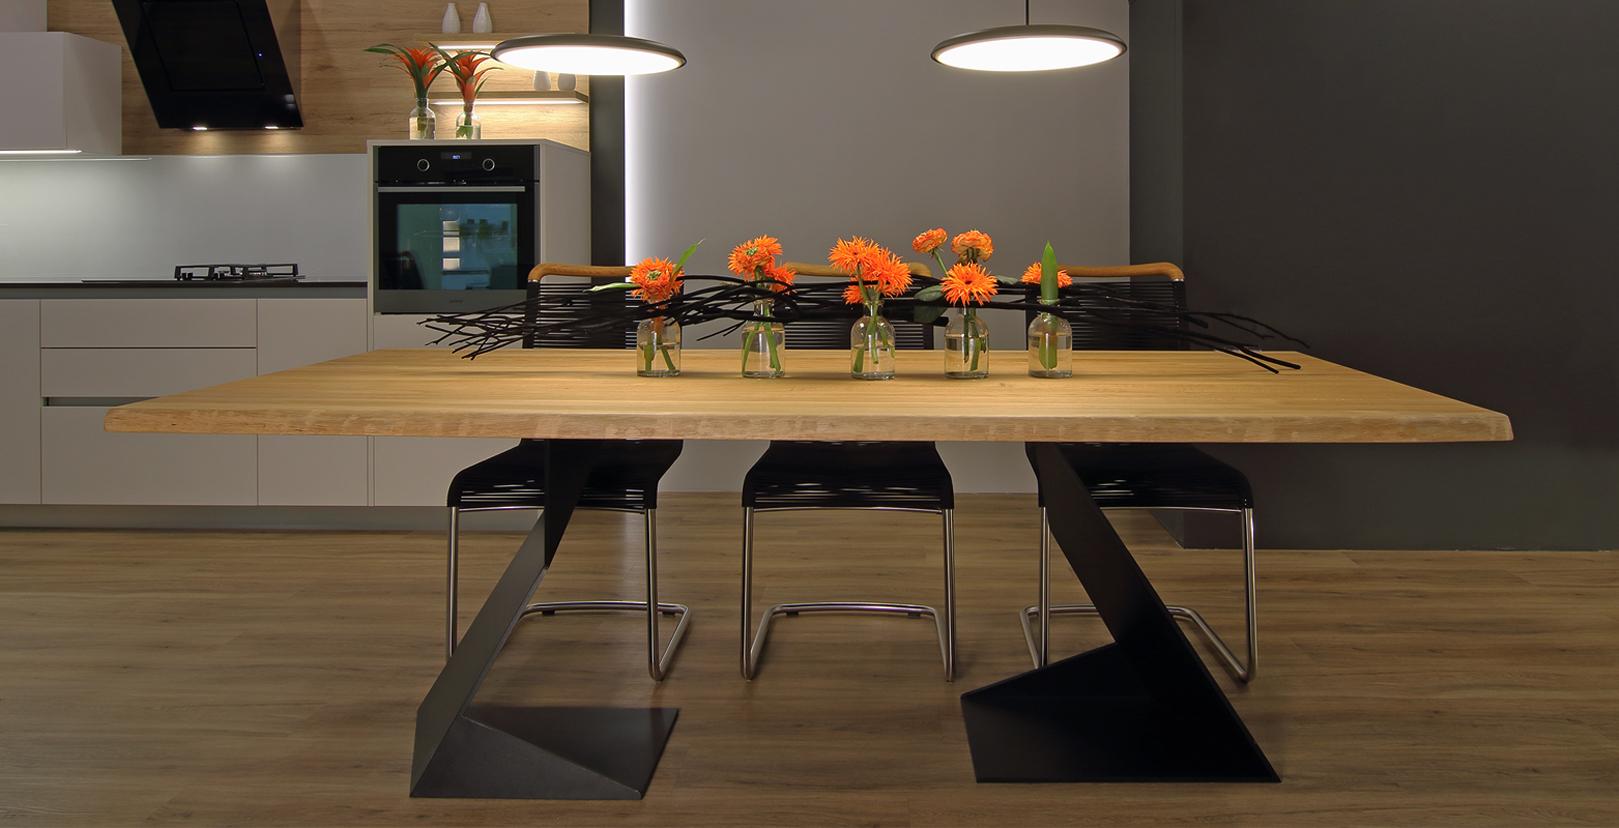 Cucina tavolo   SEVI Arredamenti SA